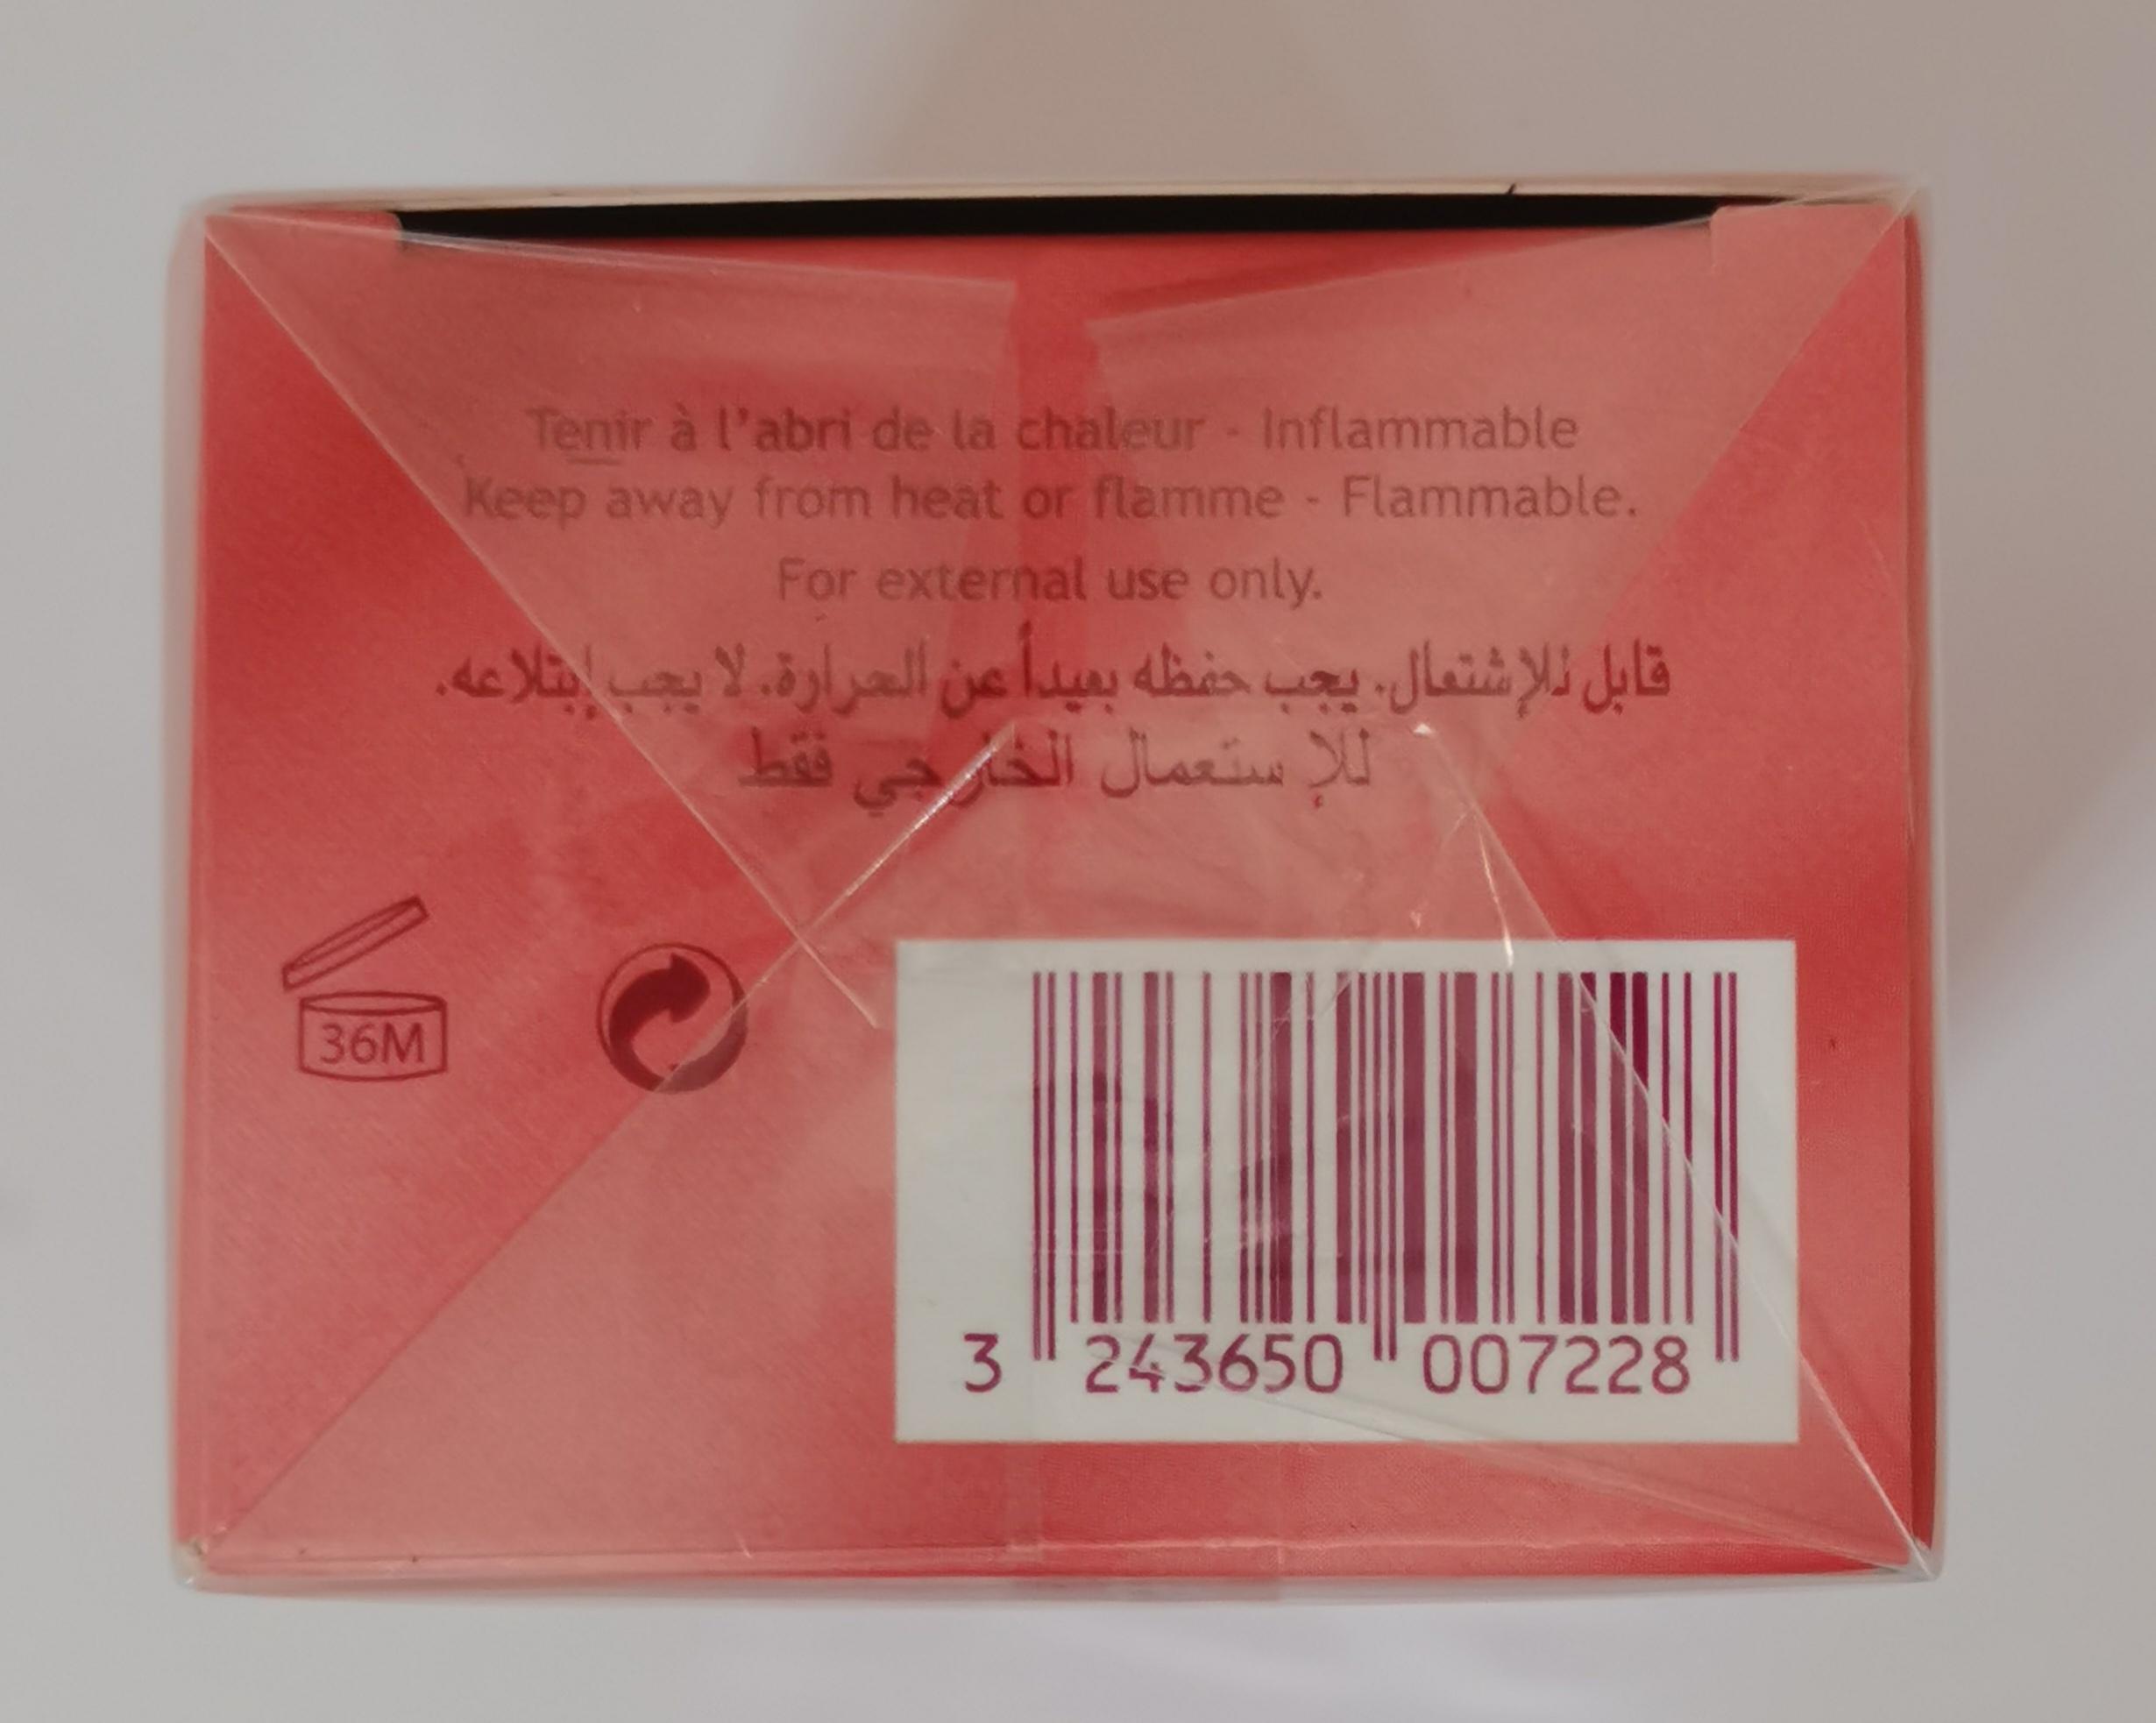 Парфюмерная вода 50 мл Pacoma Cassilia - фото штрих-кода на коробке